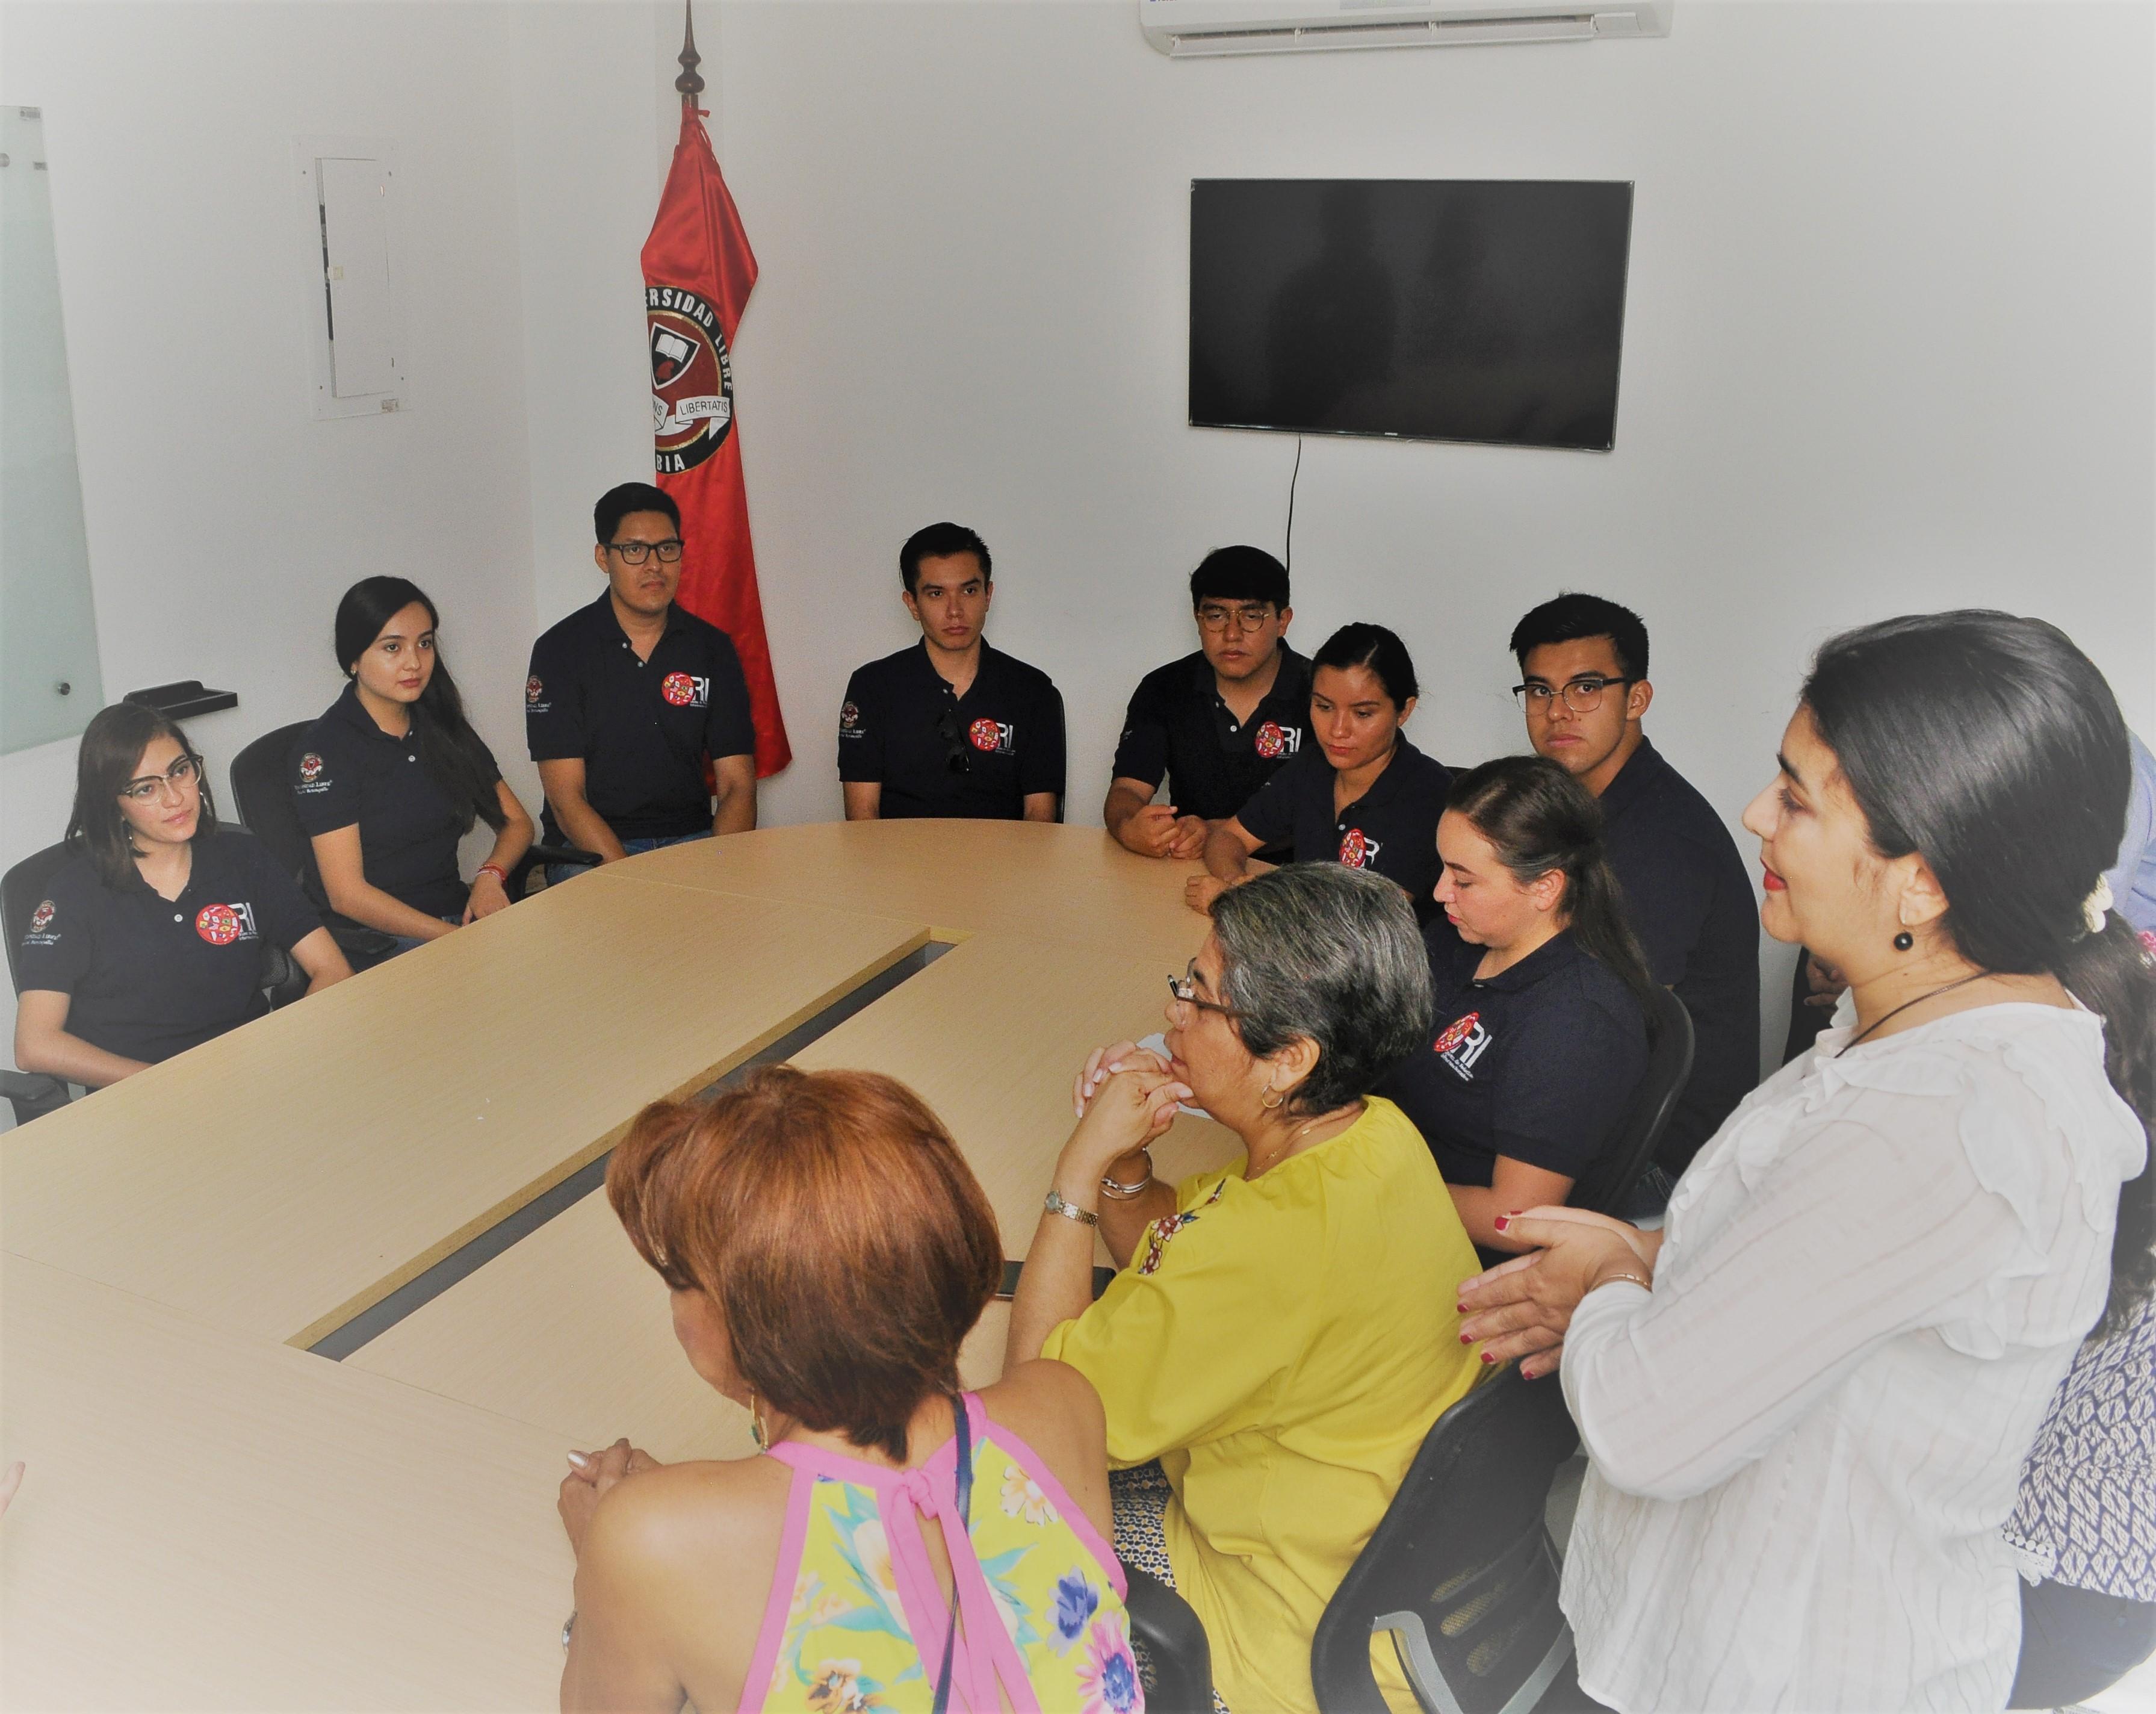 Estudiantes mexicanos del programa DELFIN, en reunión de instalación, junto a las docentes de las facultades de Ciencias Exactas y Naturales y Ciencias de la Salud, de la Universidad Libre Seccional Barranquilla.